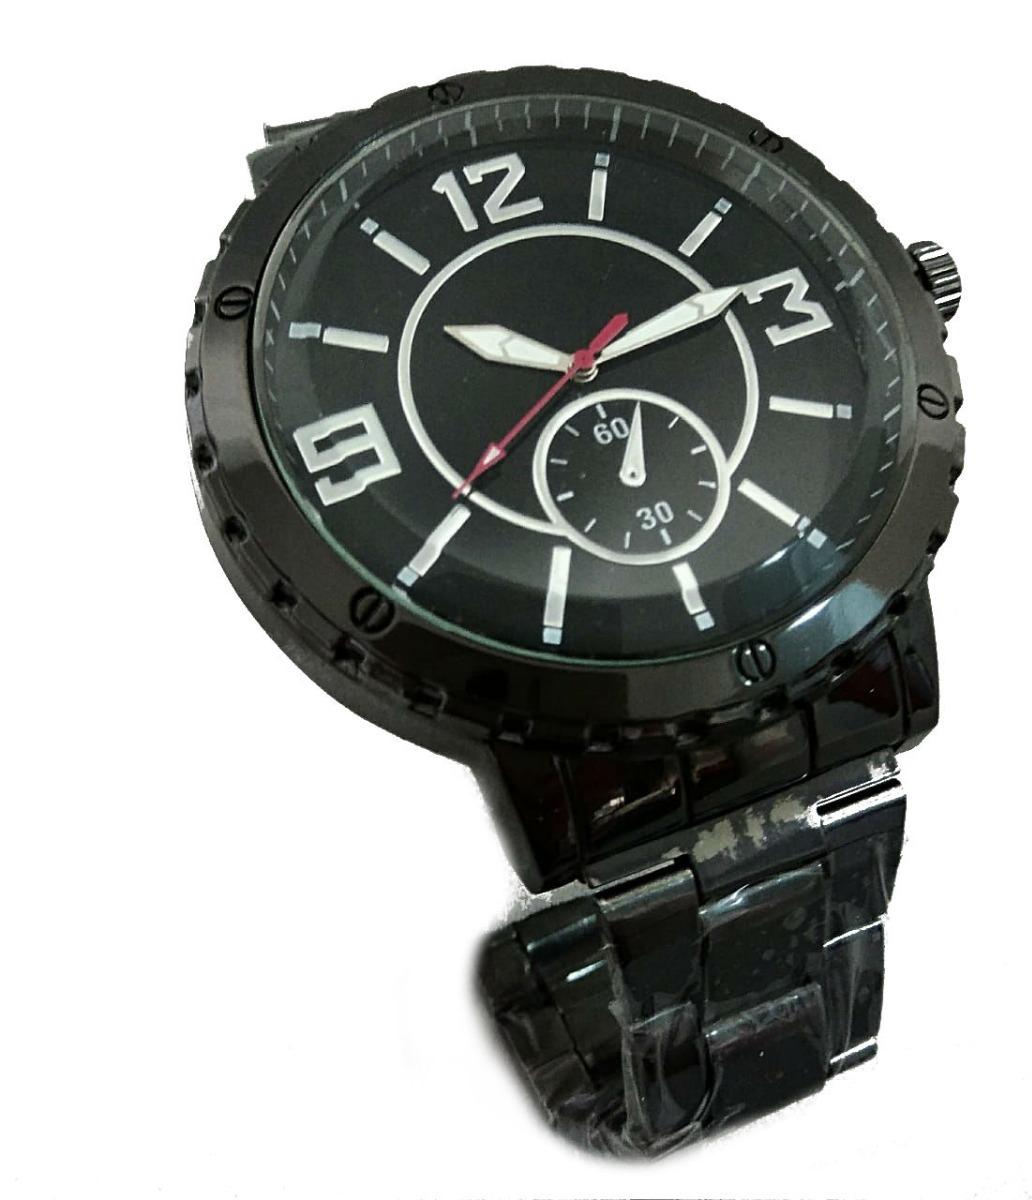 b6e743c7229 relógio preto masculino de ponteiro importado de luxo barato. Carregando  zoom.